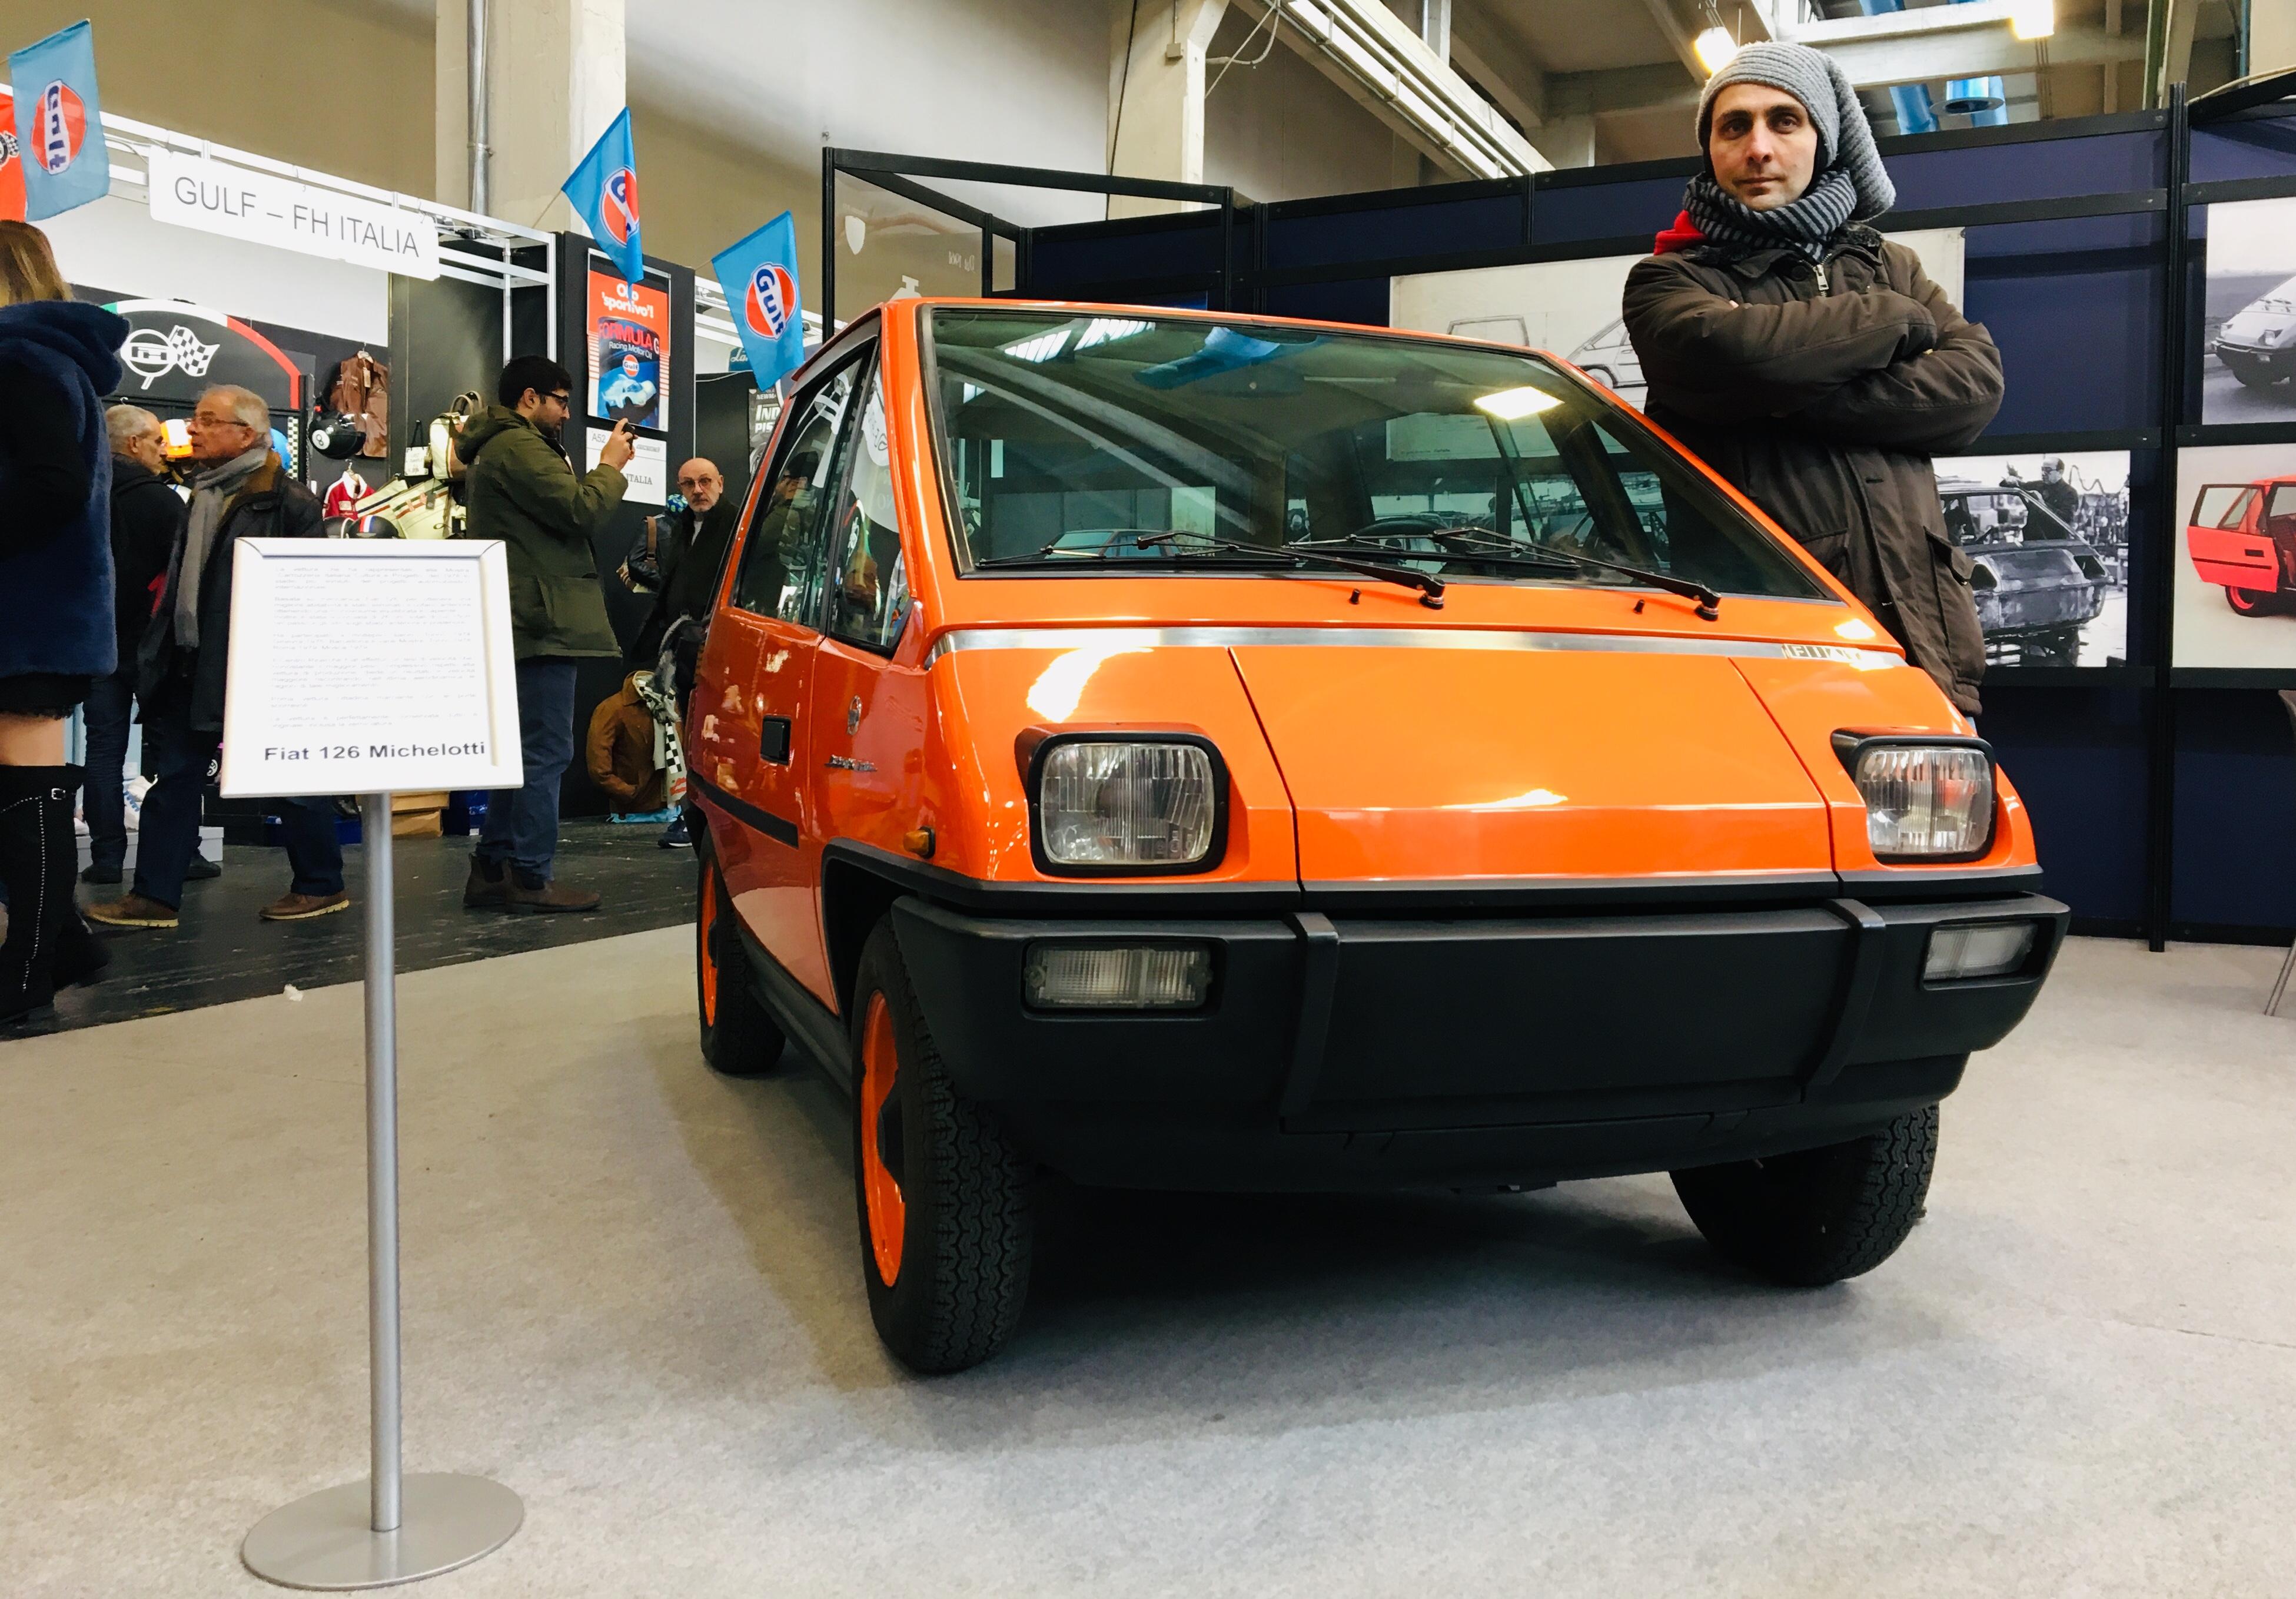 Fiat 126 Michelotti